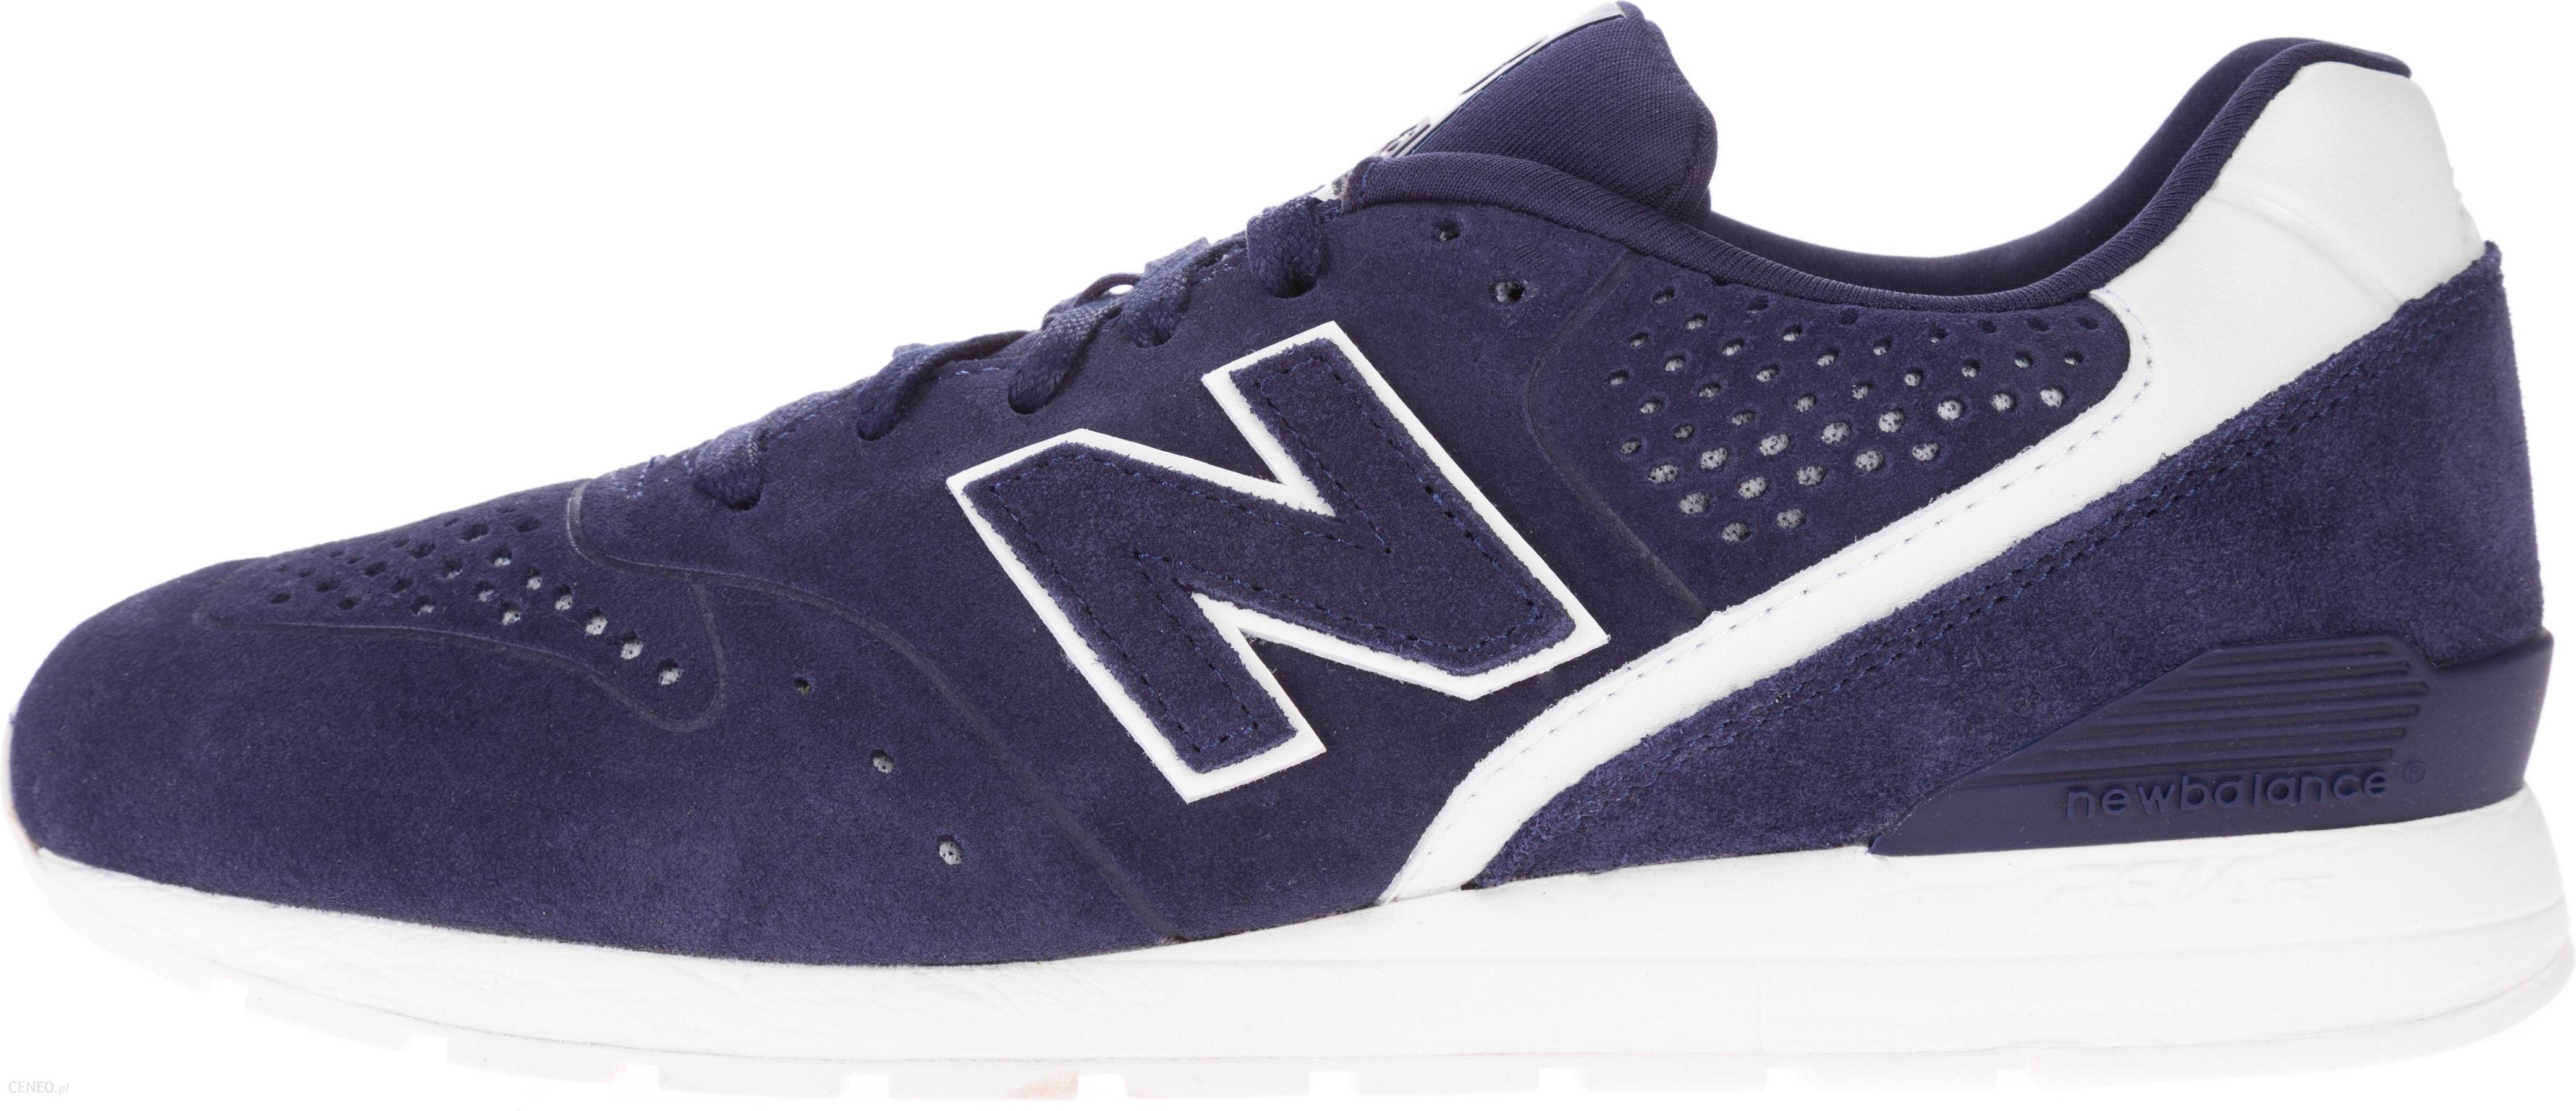 aa0703c15b81d New Balance 996 Tenisówki Niebieski 40,5 - Ceny i opinie - Ceneo.pl